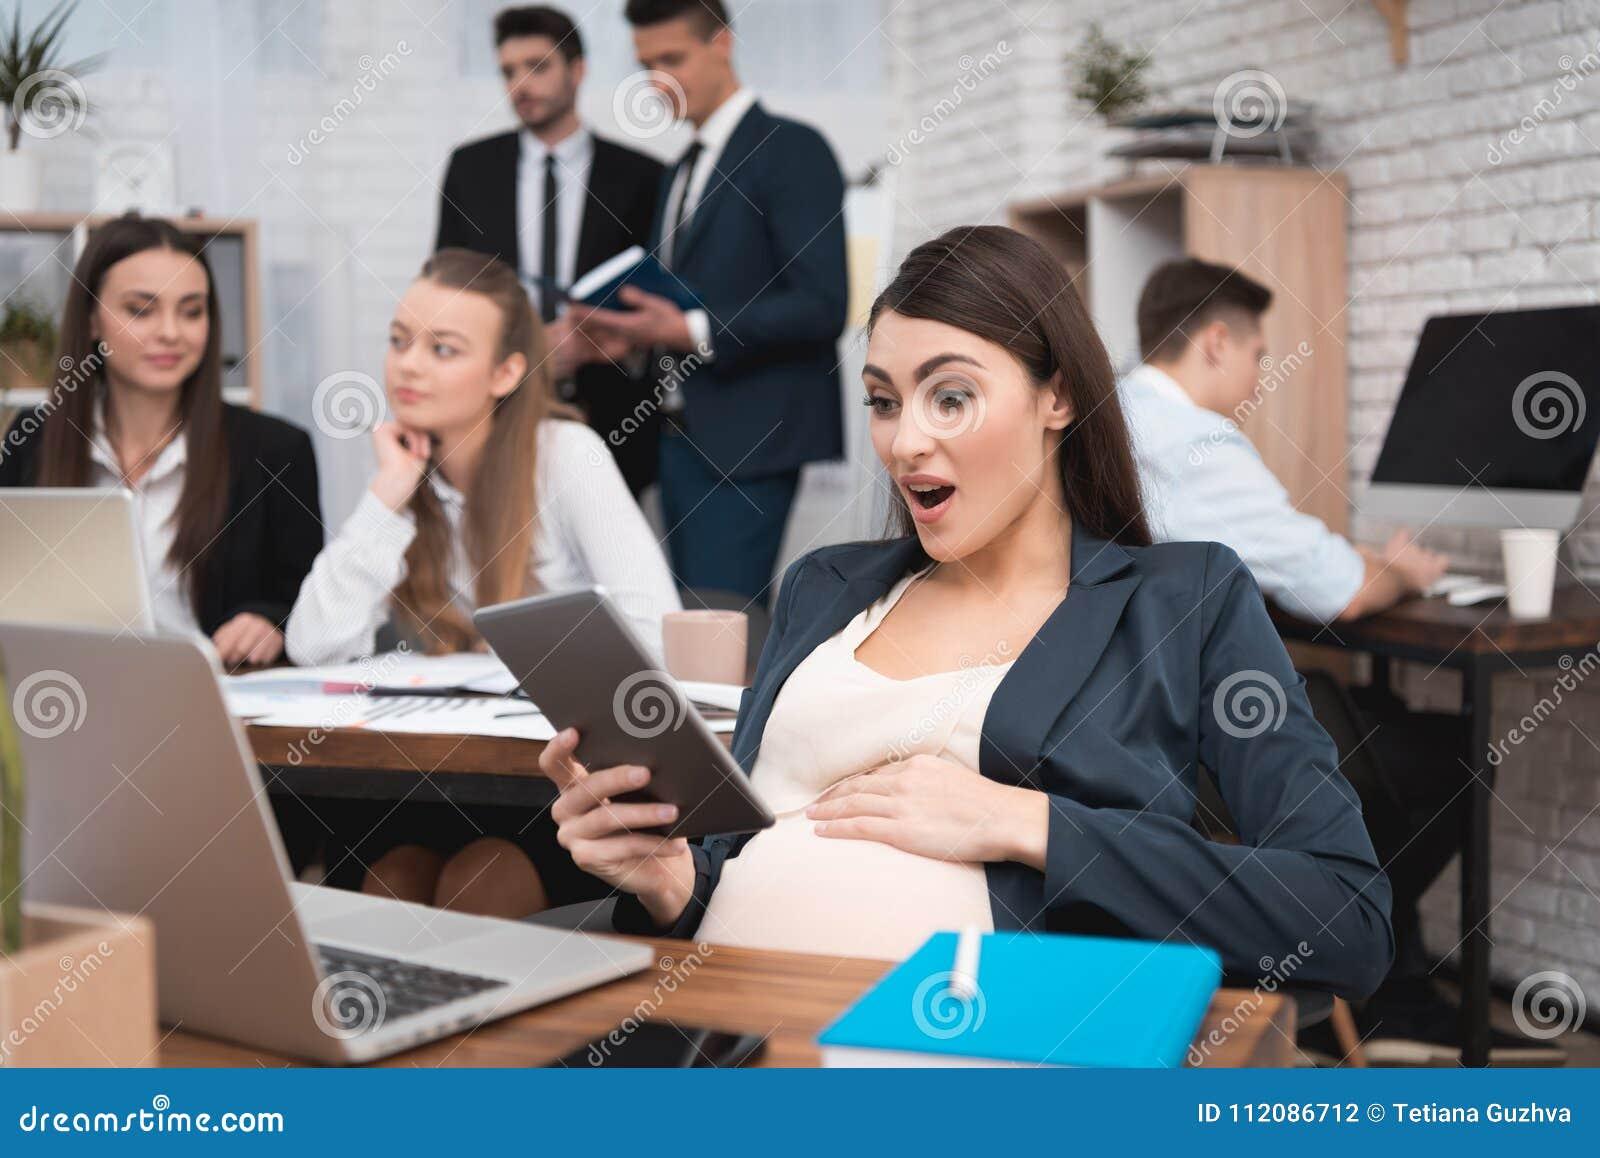 Беременная девушка на работе работа девушке моделью елабуга